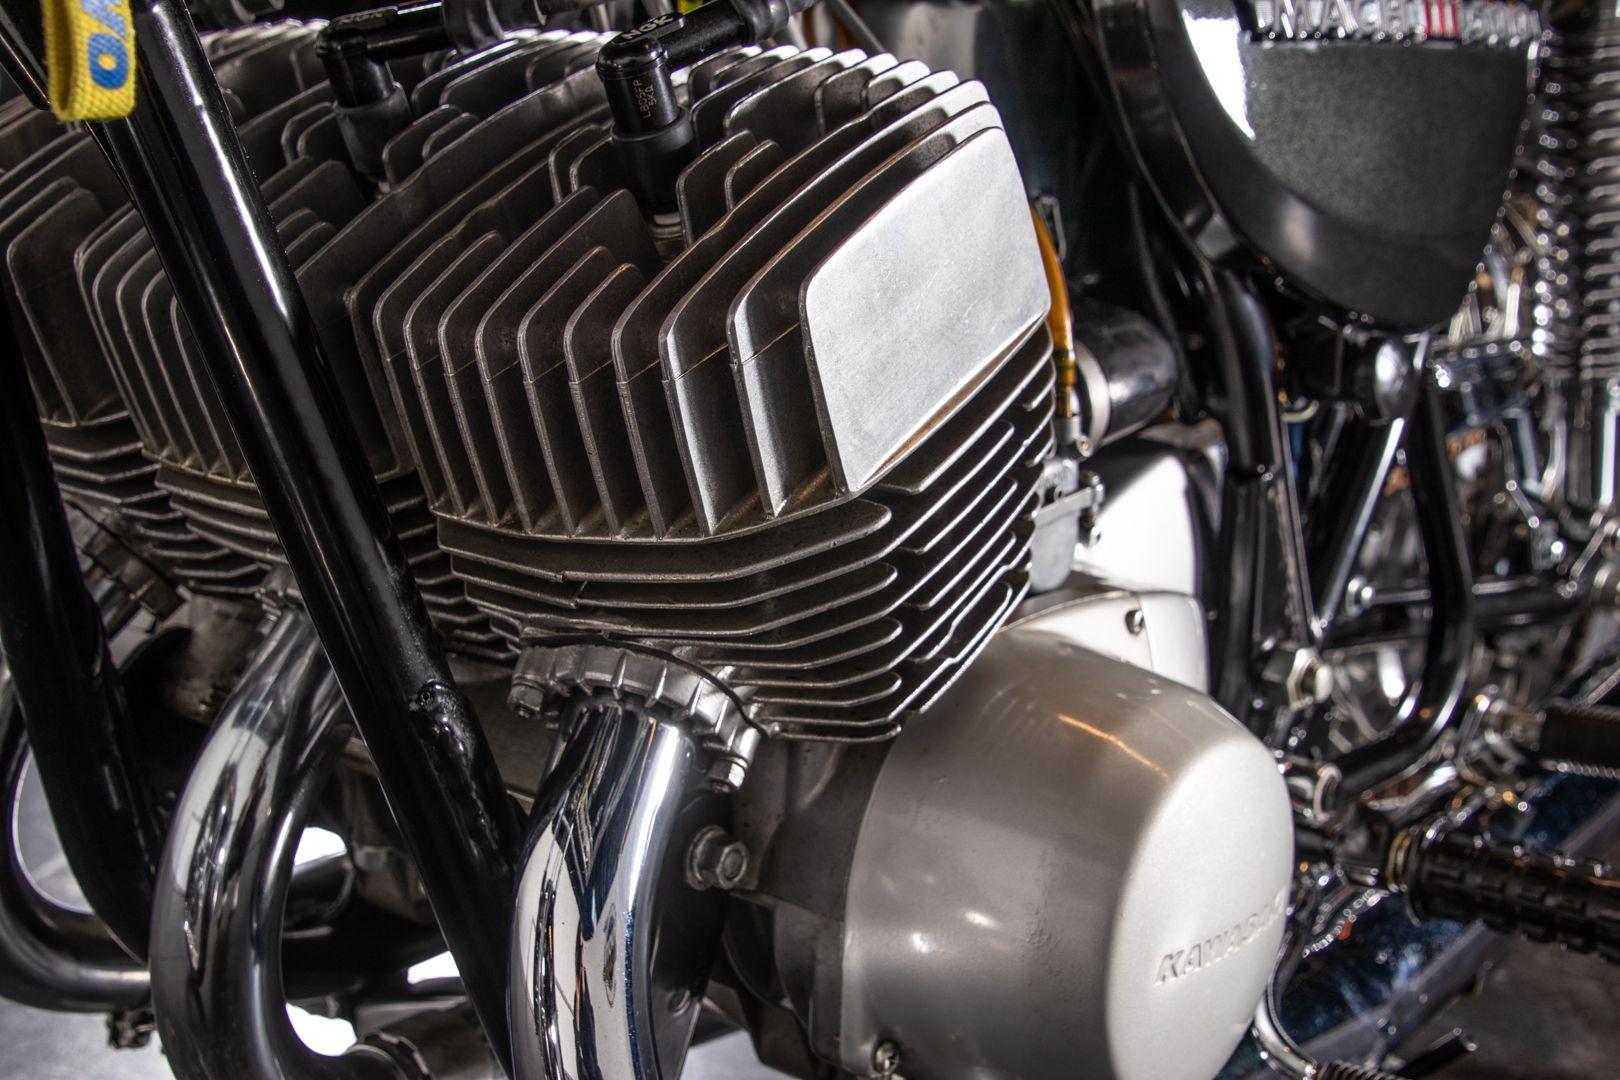 1970 Kawasaki 500 H1 44383